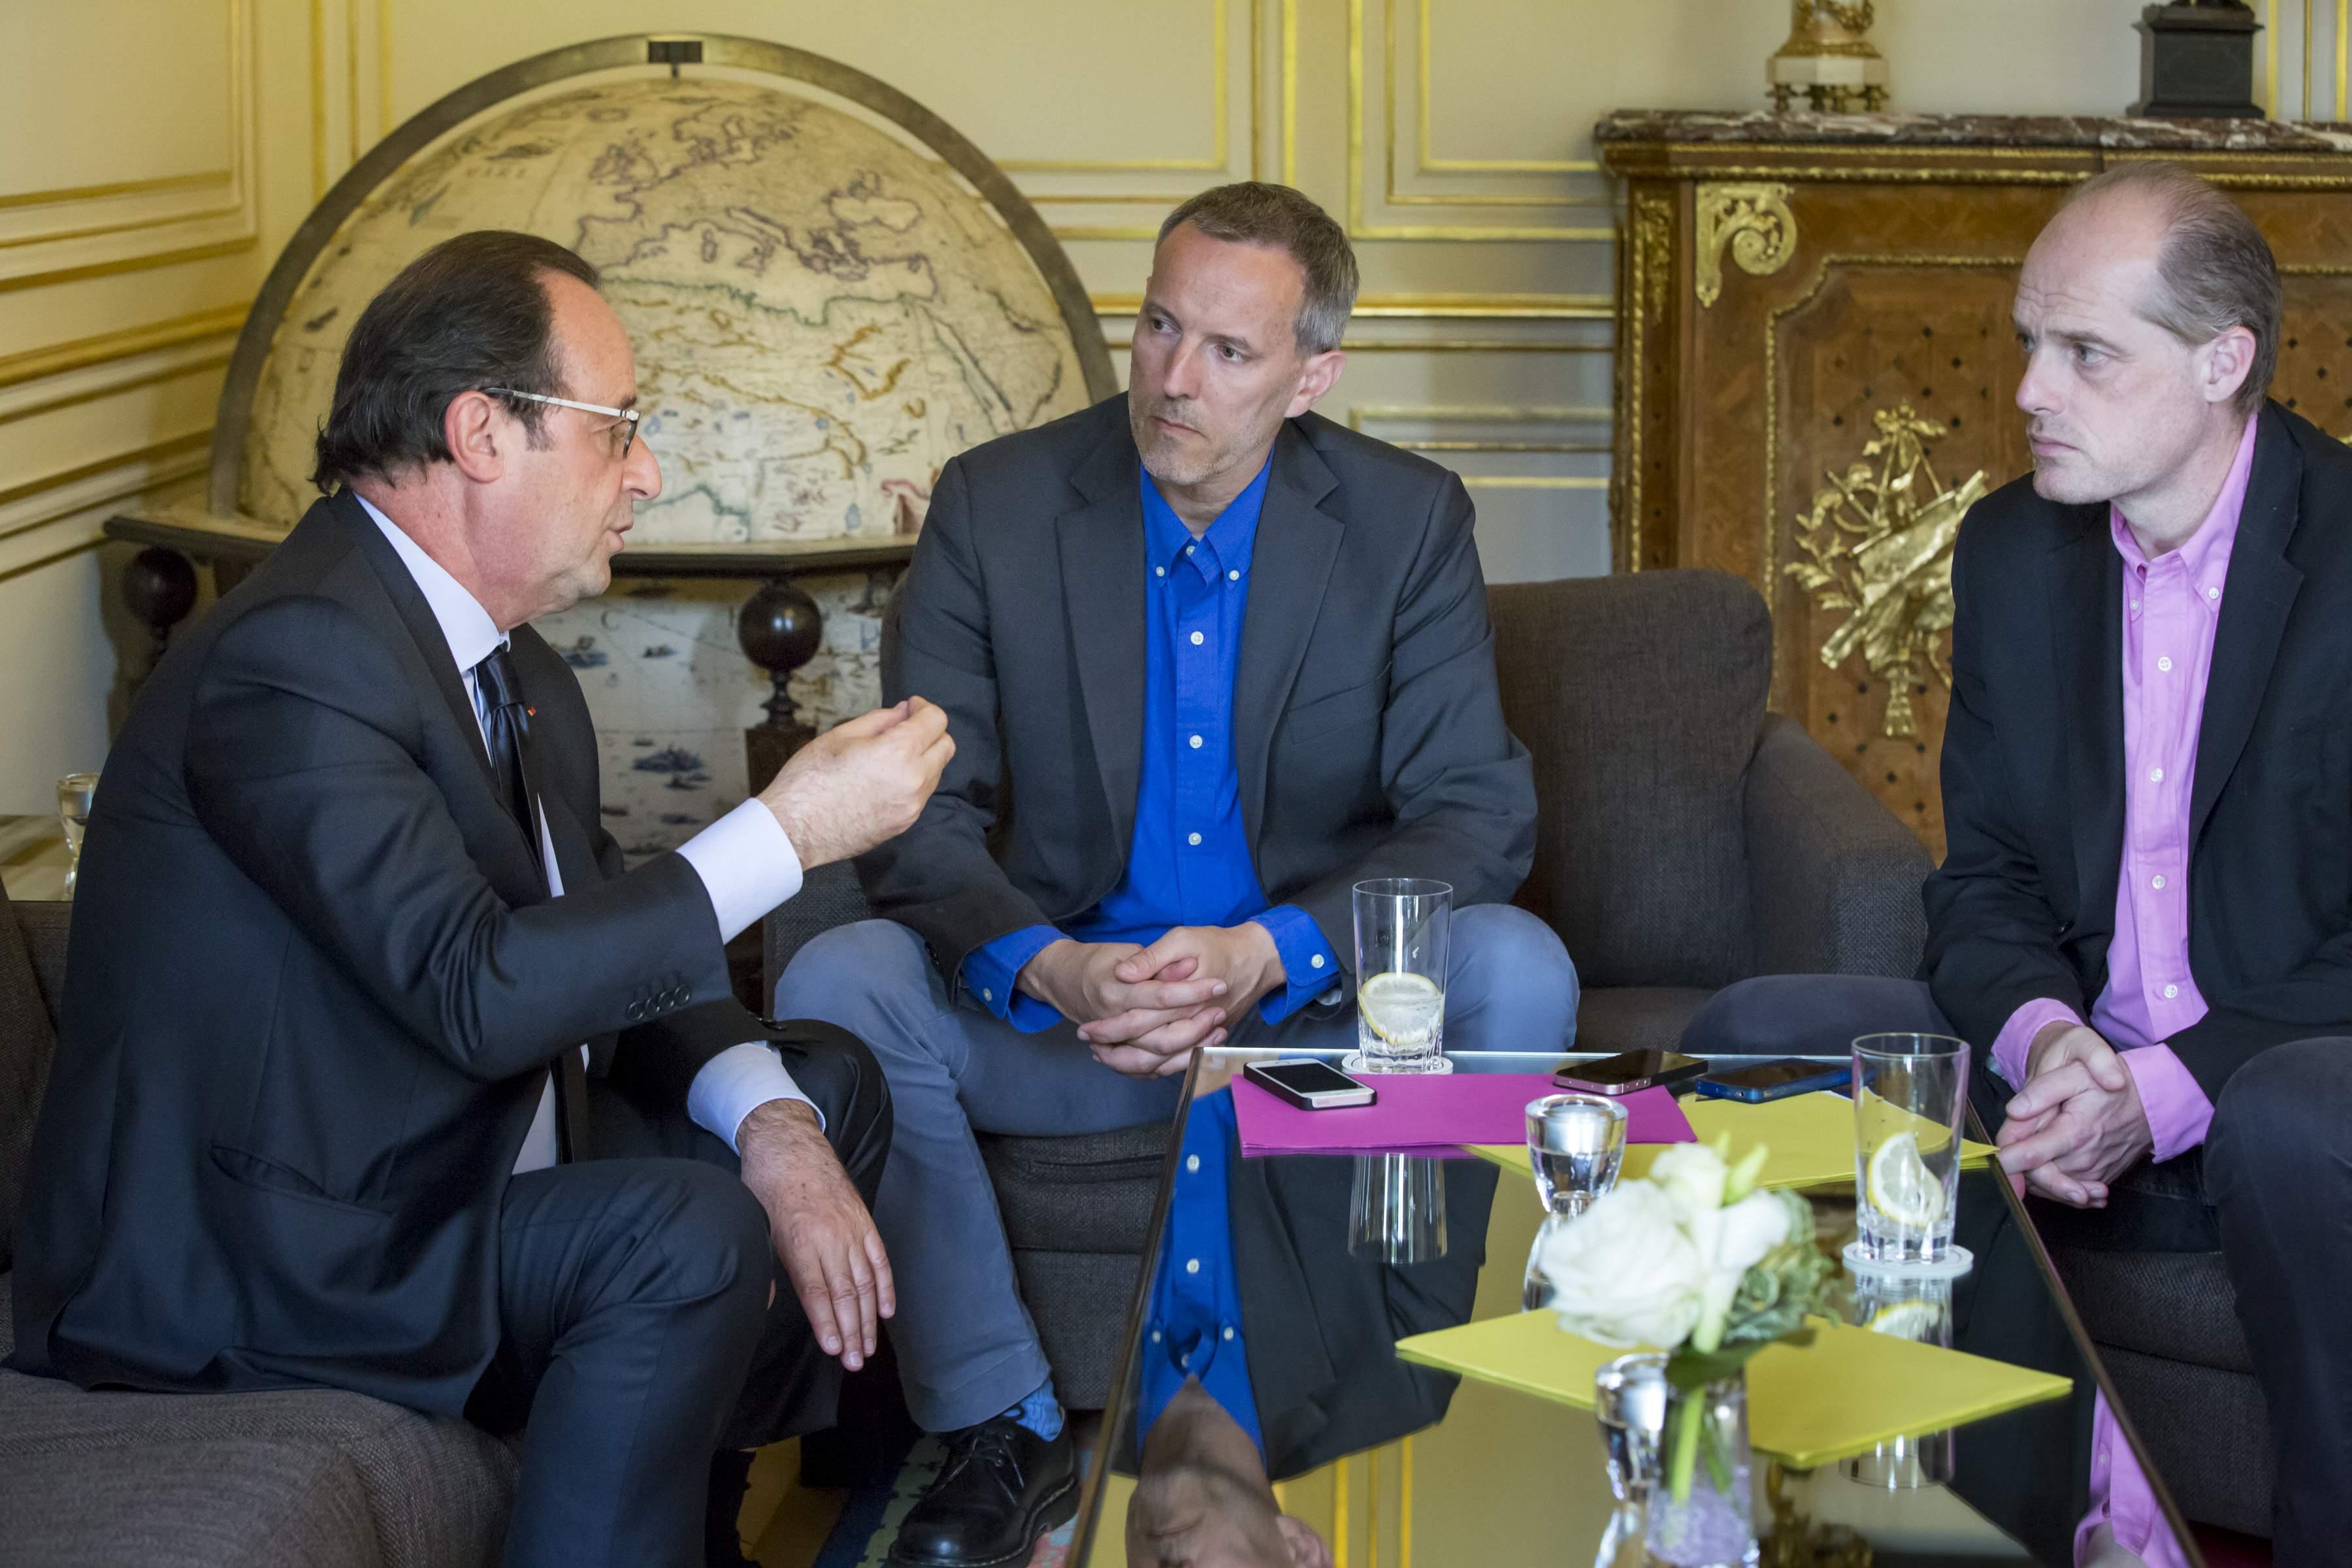 François Hollande, président de la République, s'entretient avec les journalistes Gérard Davet et Fabrice Lhomme dans le salon de la cartographie au Palais de l'Elysée à Paris, vendredi 22 juillet 2016 - photo: Jean-Claude Coutausse pour Stock